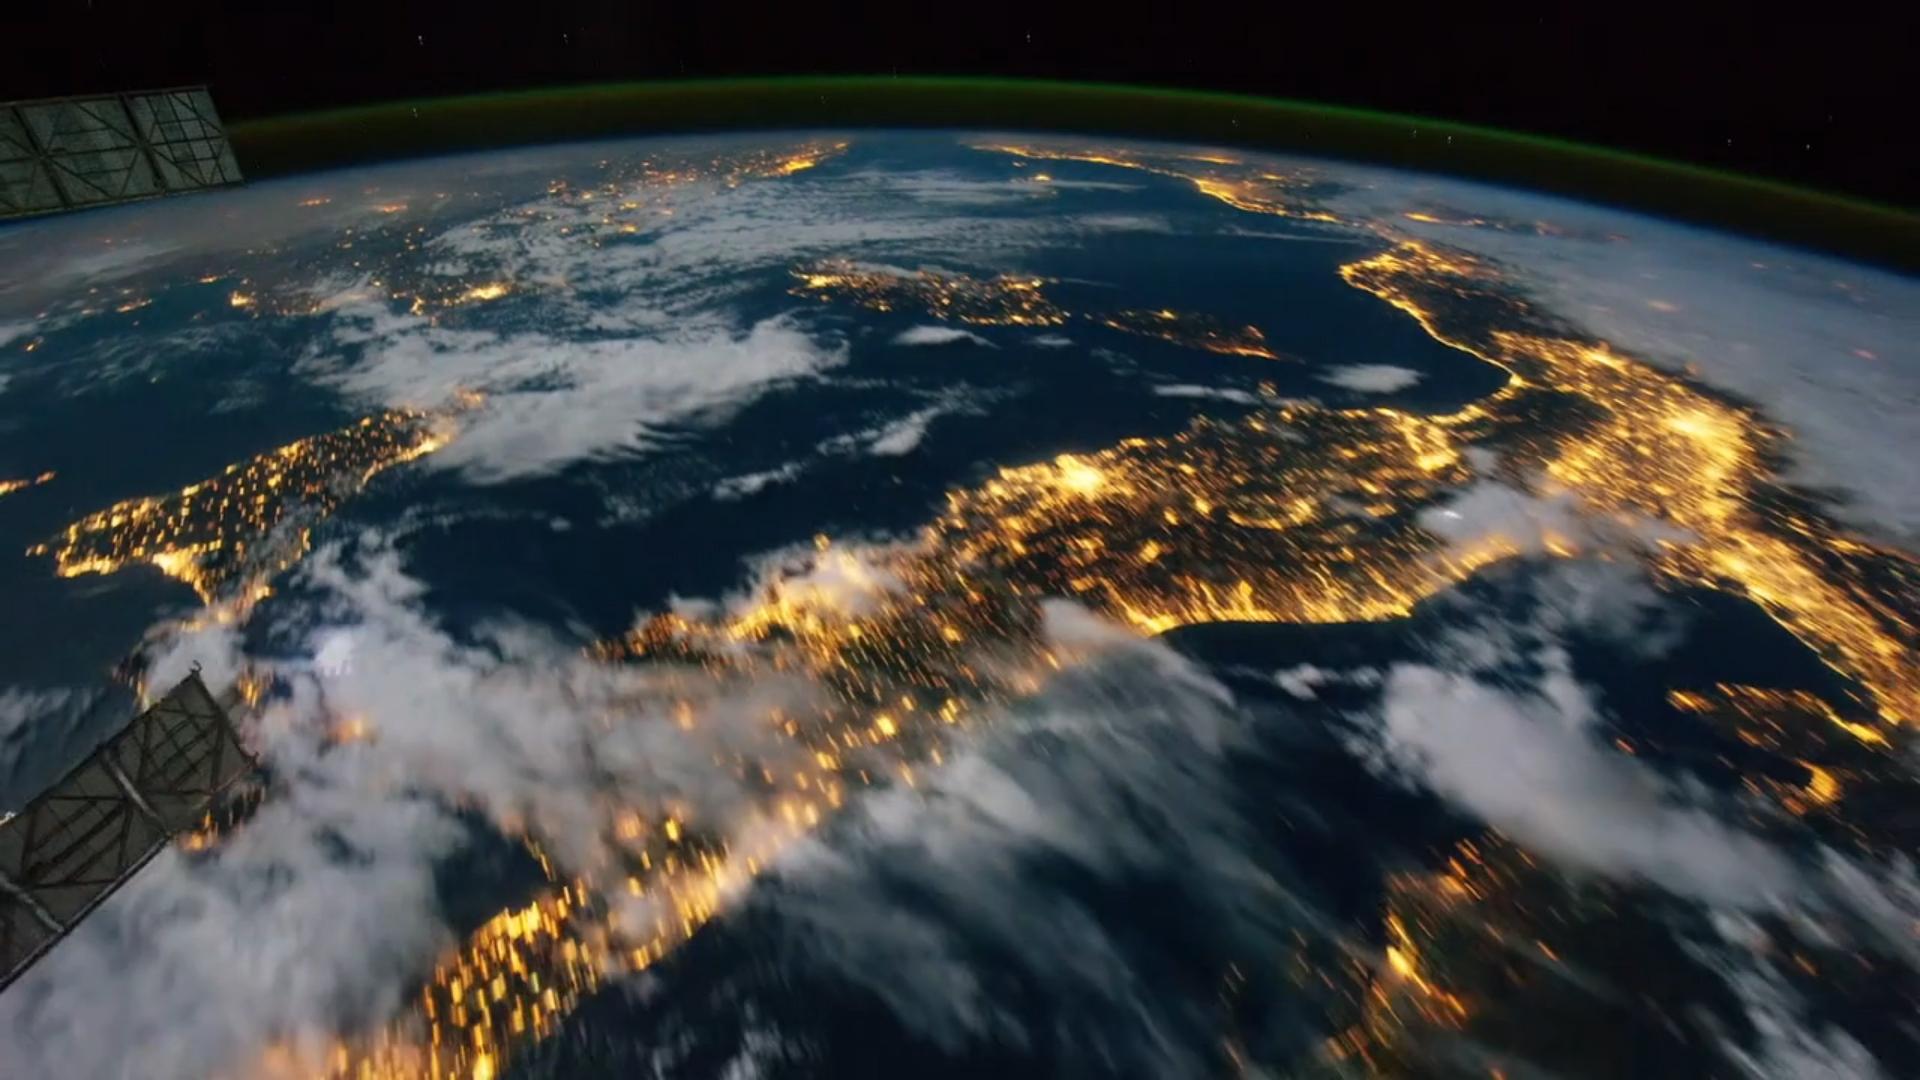 nasa aerial view of illinois - photo #39